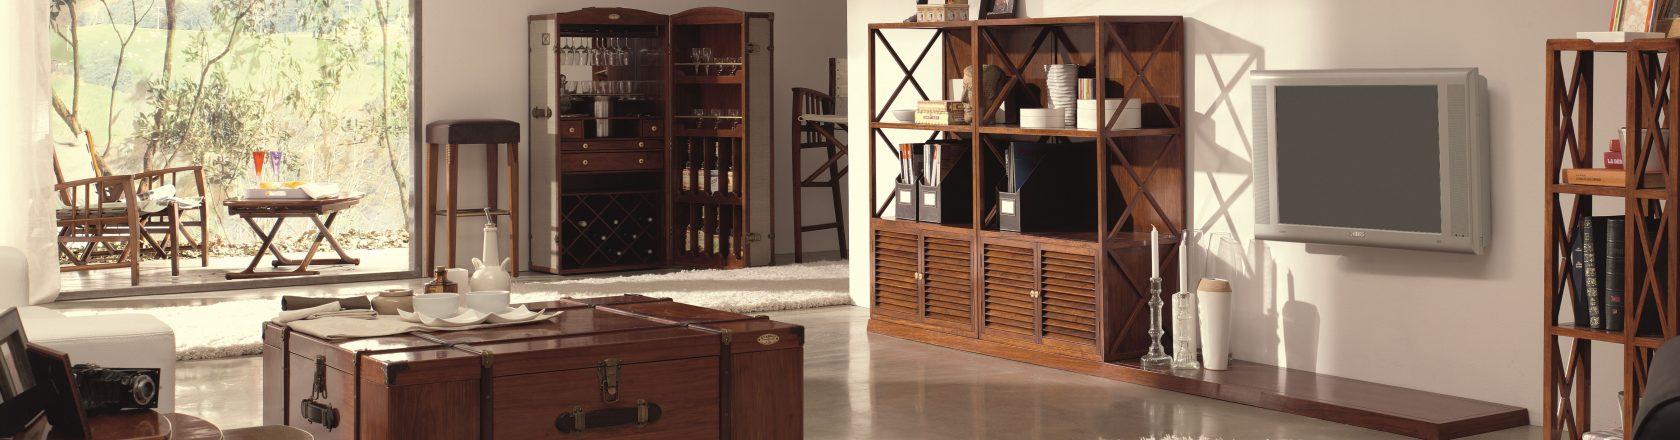 meubles de voyage mobiliers de marine en bois pr cieux. Black Bedroom Furniture Sets. Home Design Ideas